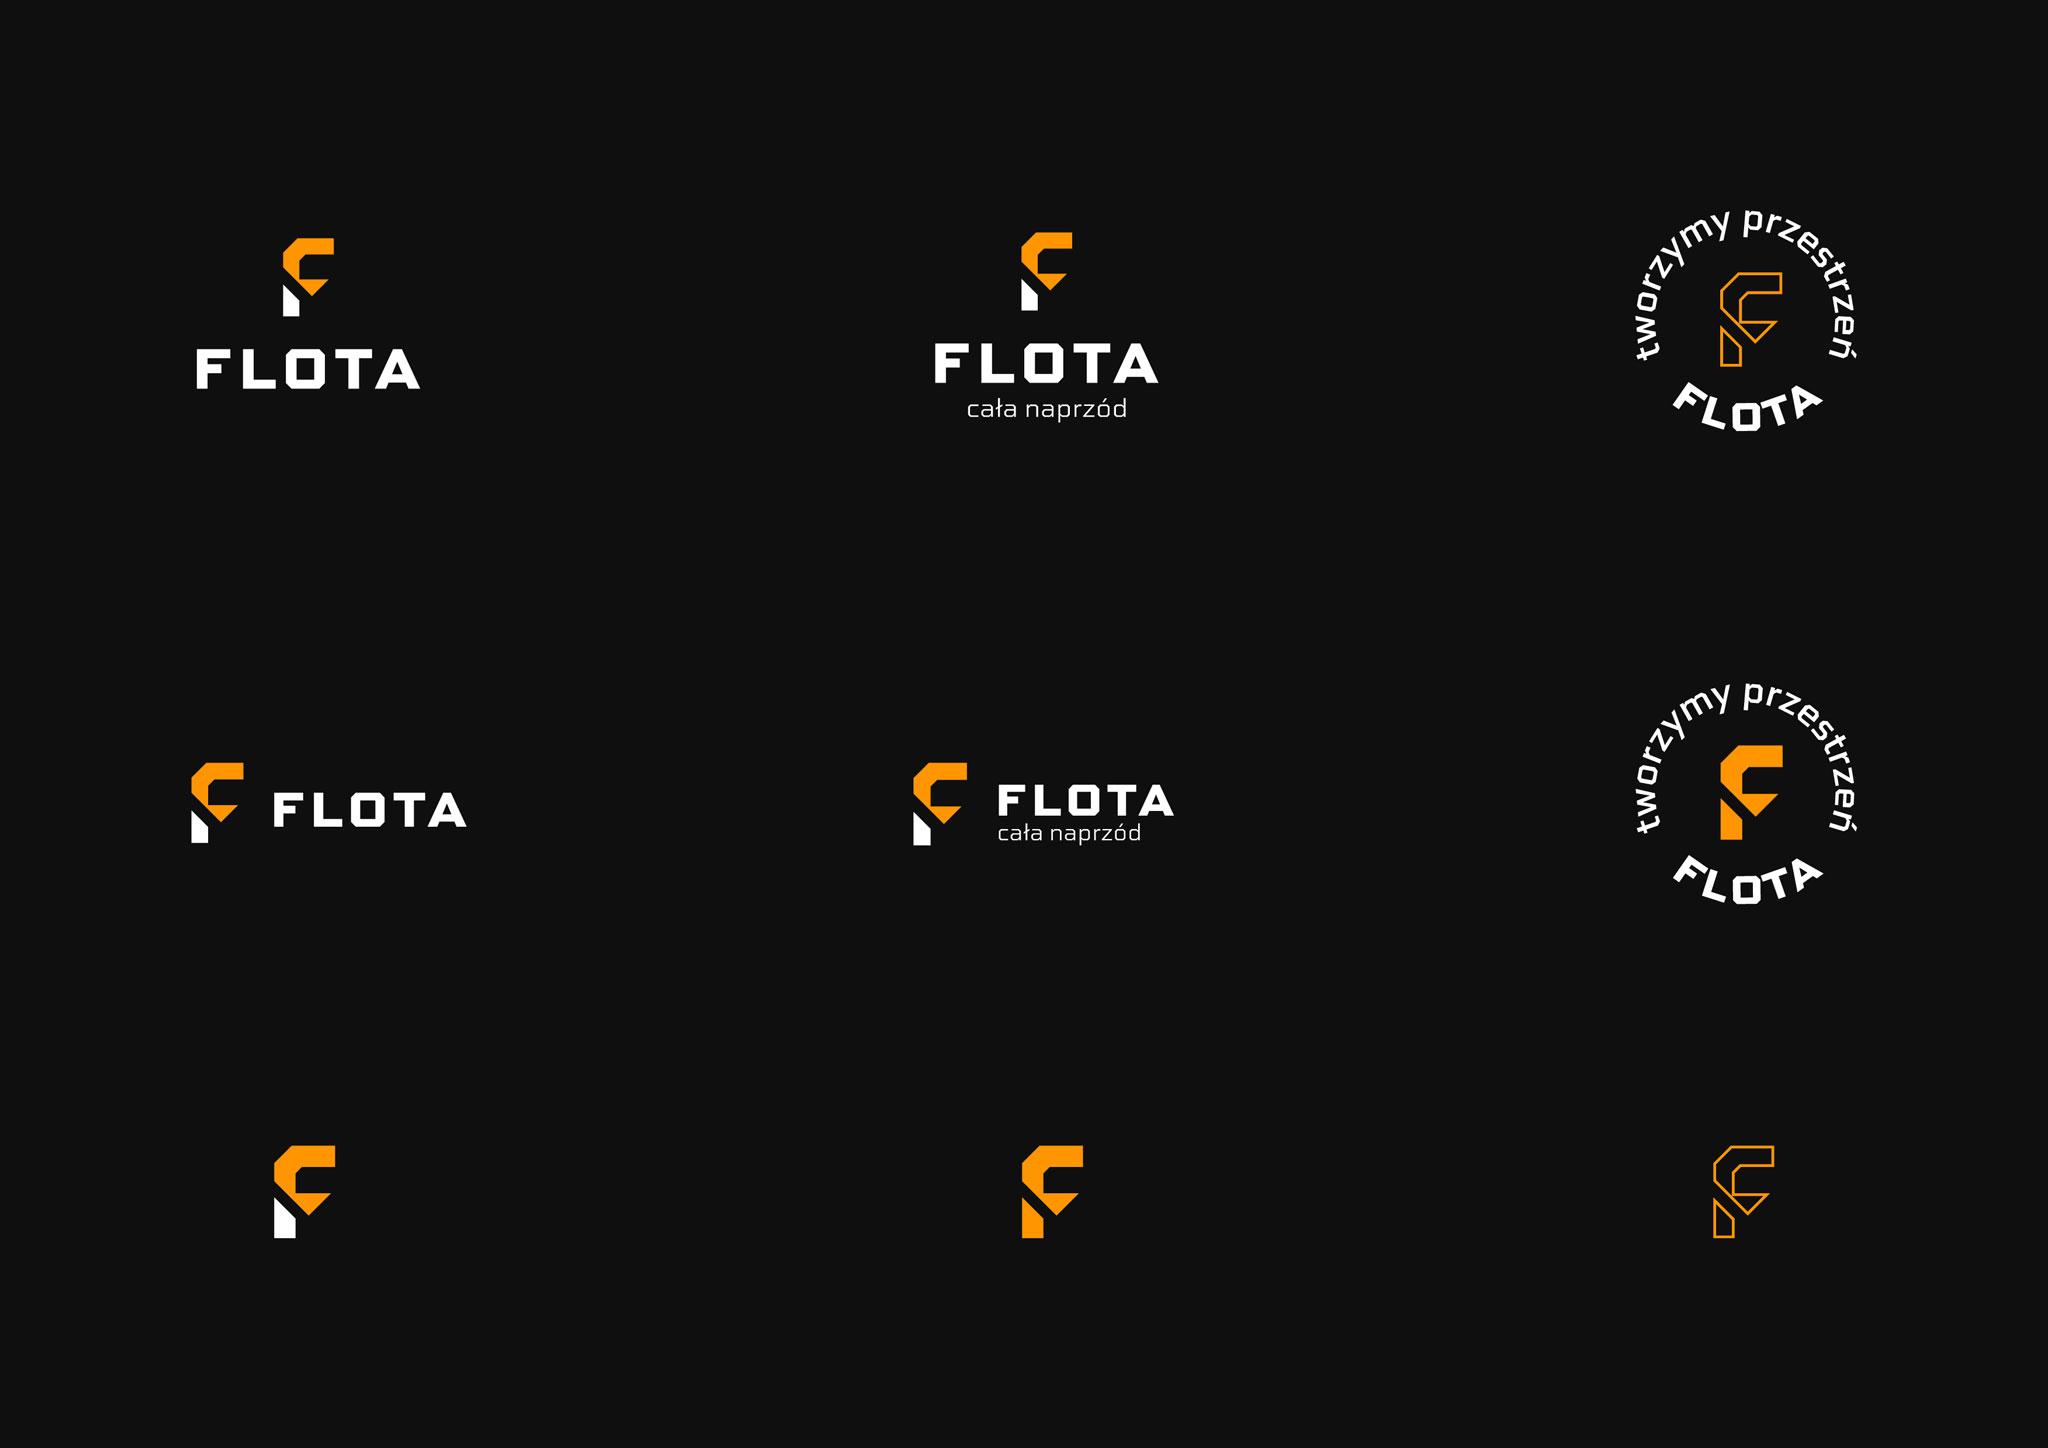 Logotypy Flota